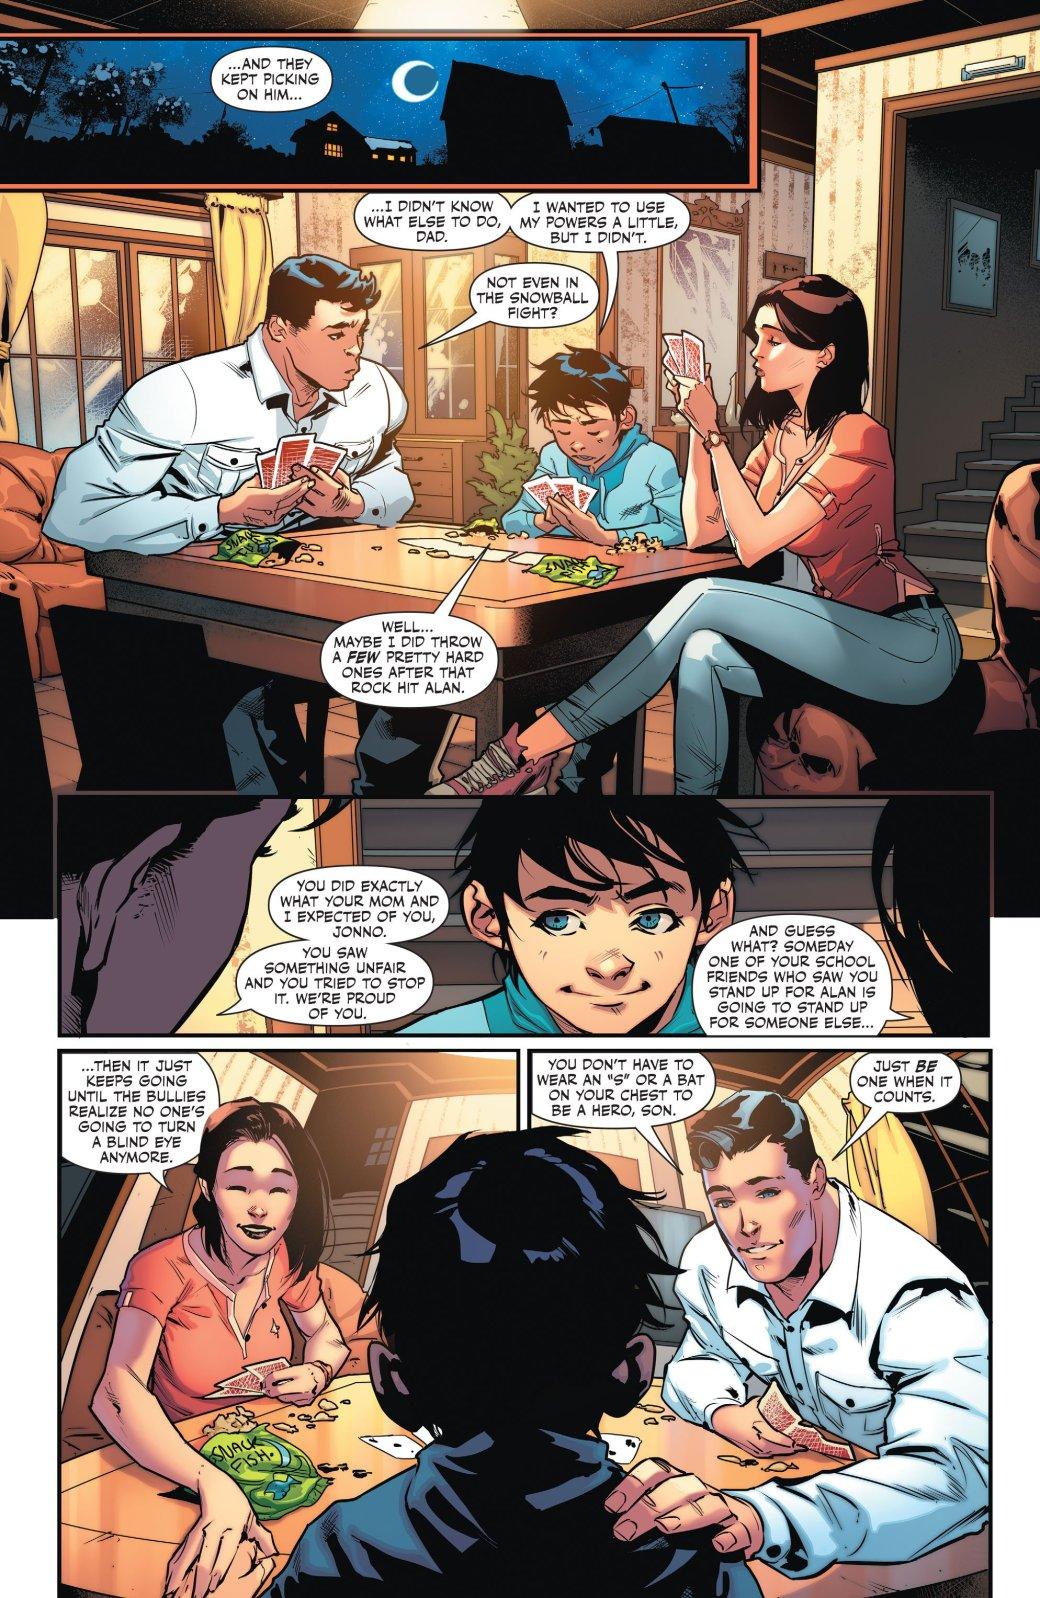 Похоже, Супербой и Робин уже готовы заменить Бэтмена и Супермена | Канобу - Изображение 2